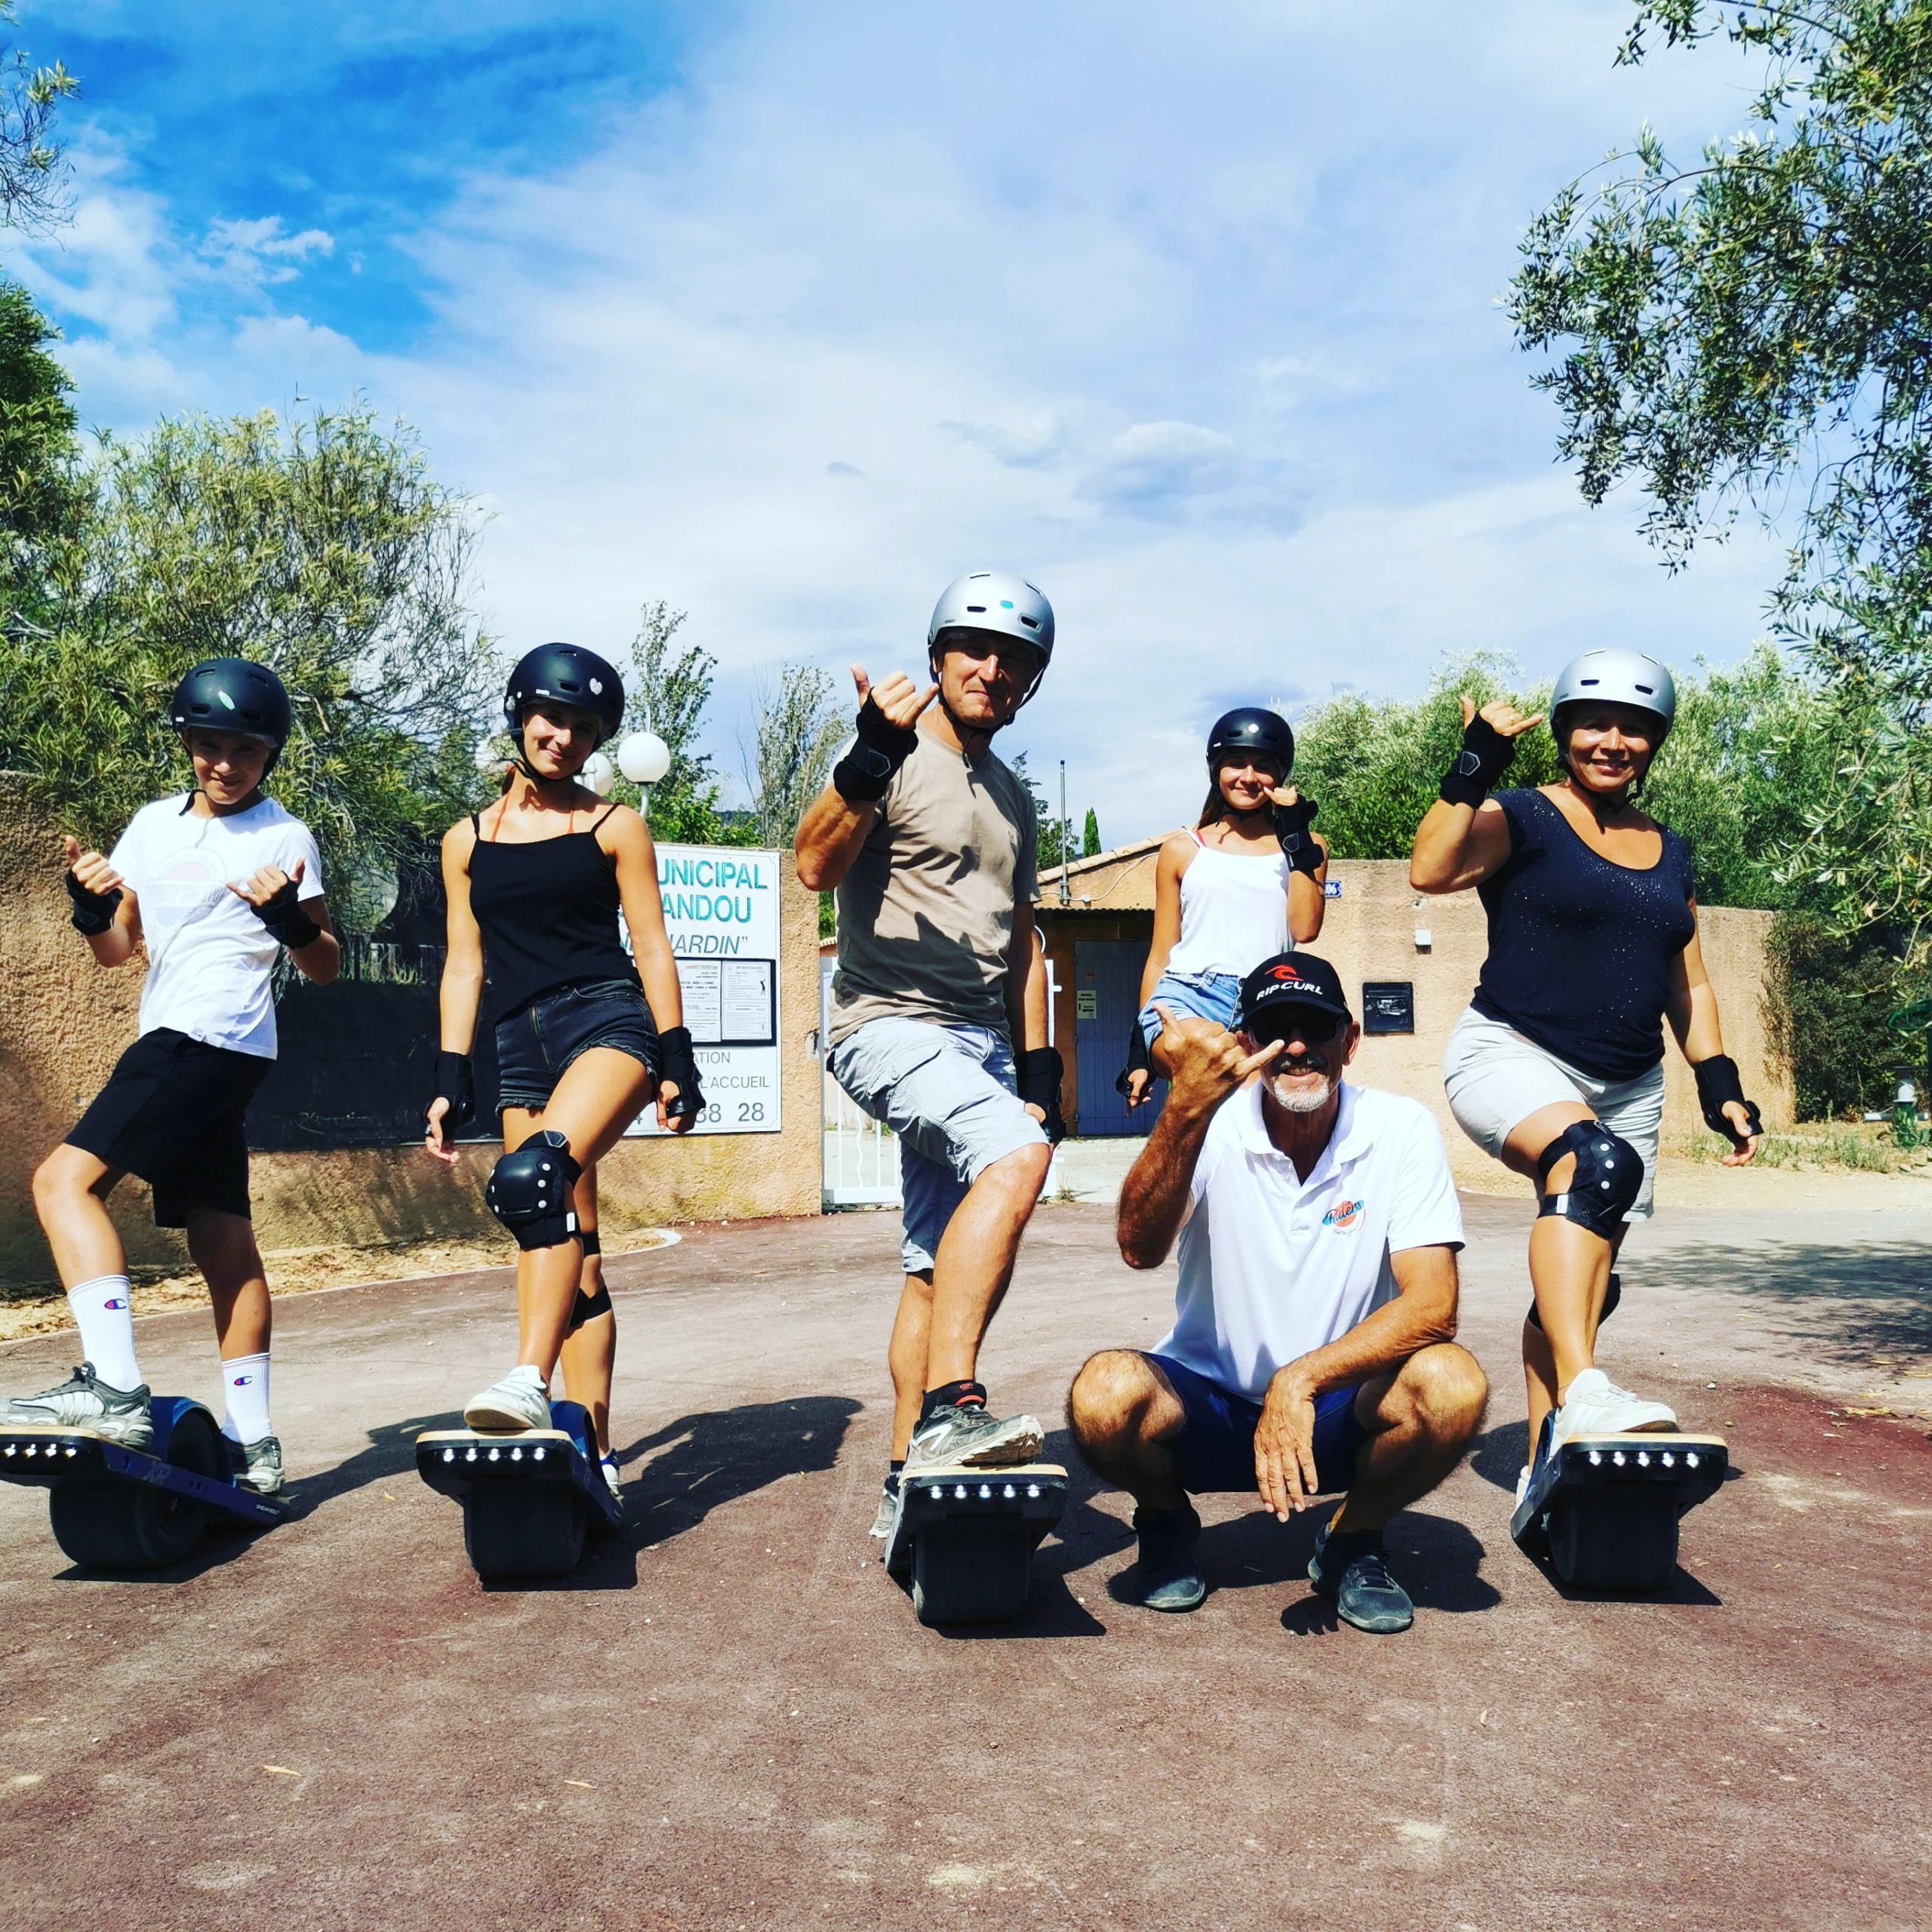 Fun Riders - Skates électriques